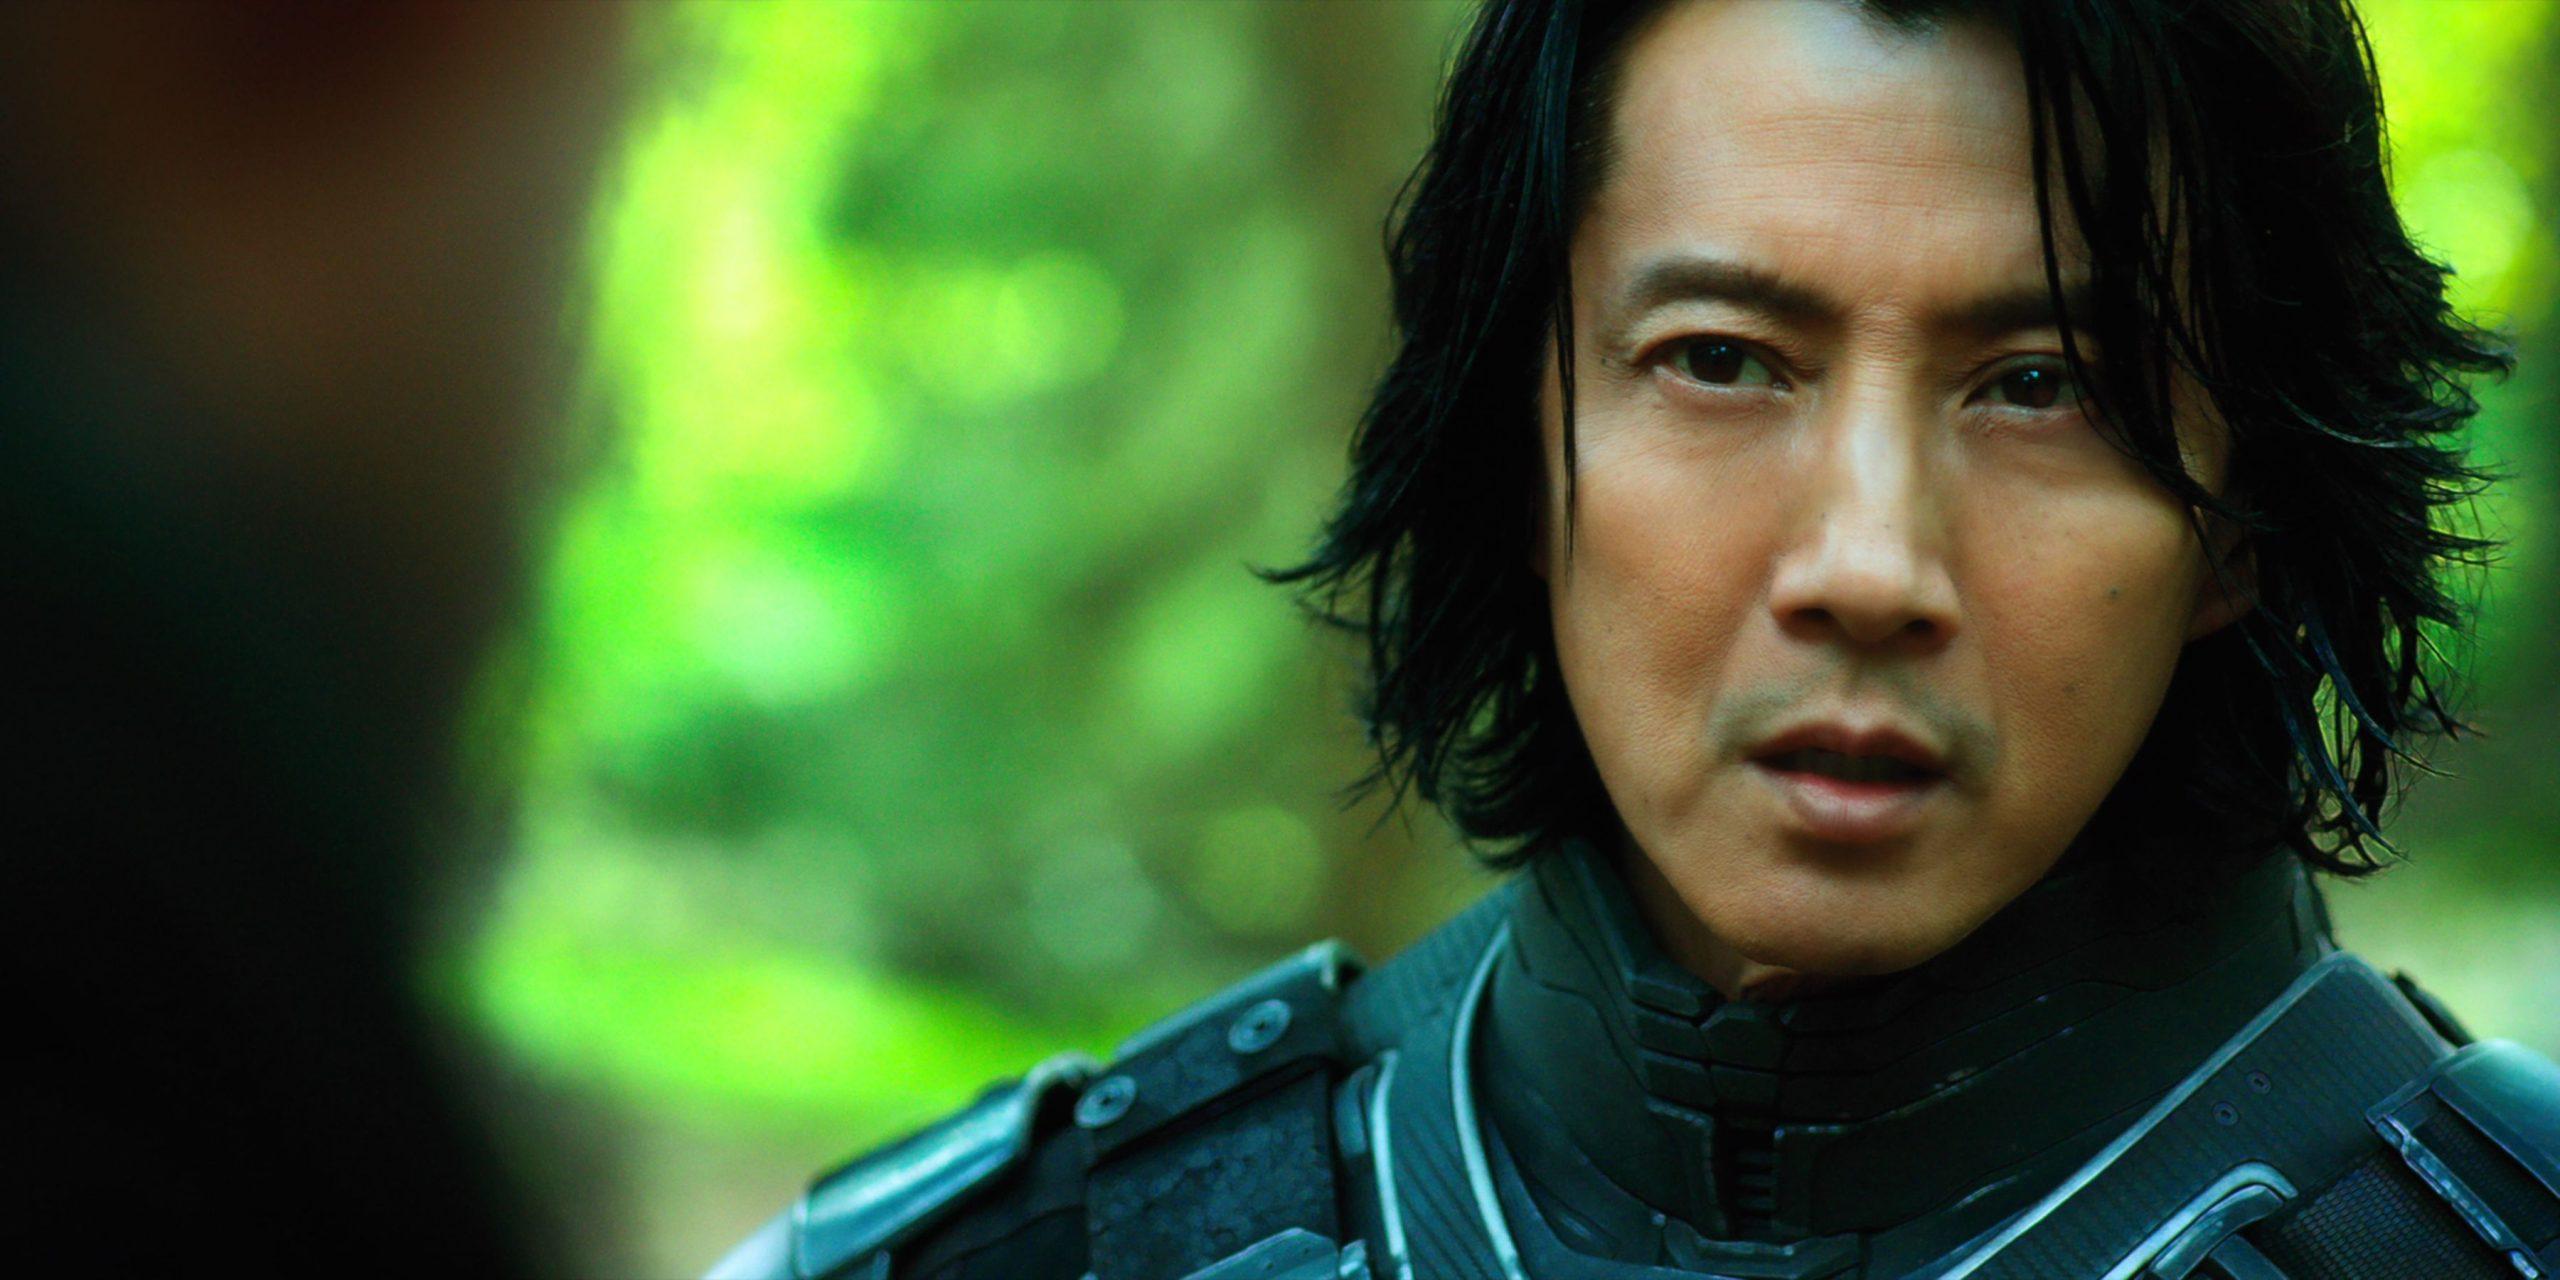 ¿Takeshi Kovacs está vivo o muerto en 'Altered Carbon'? 3